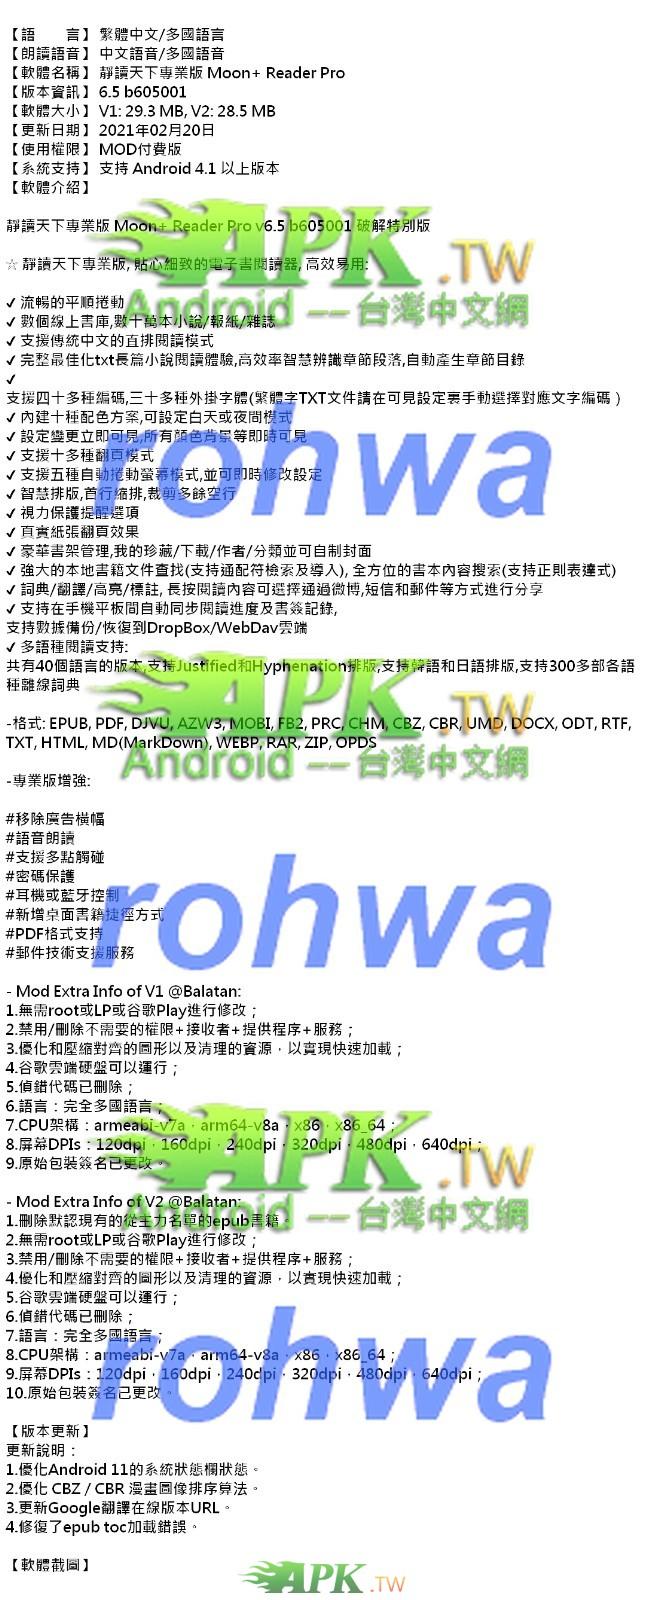 Moon_Reader_Pro_6.5_b605001_.jpg